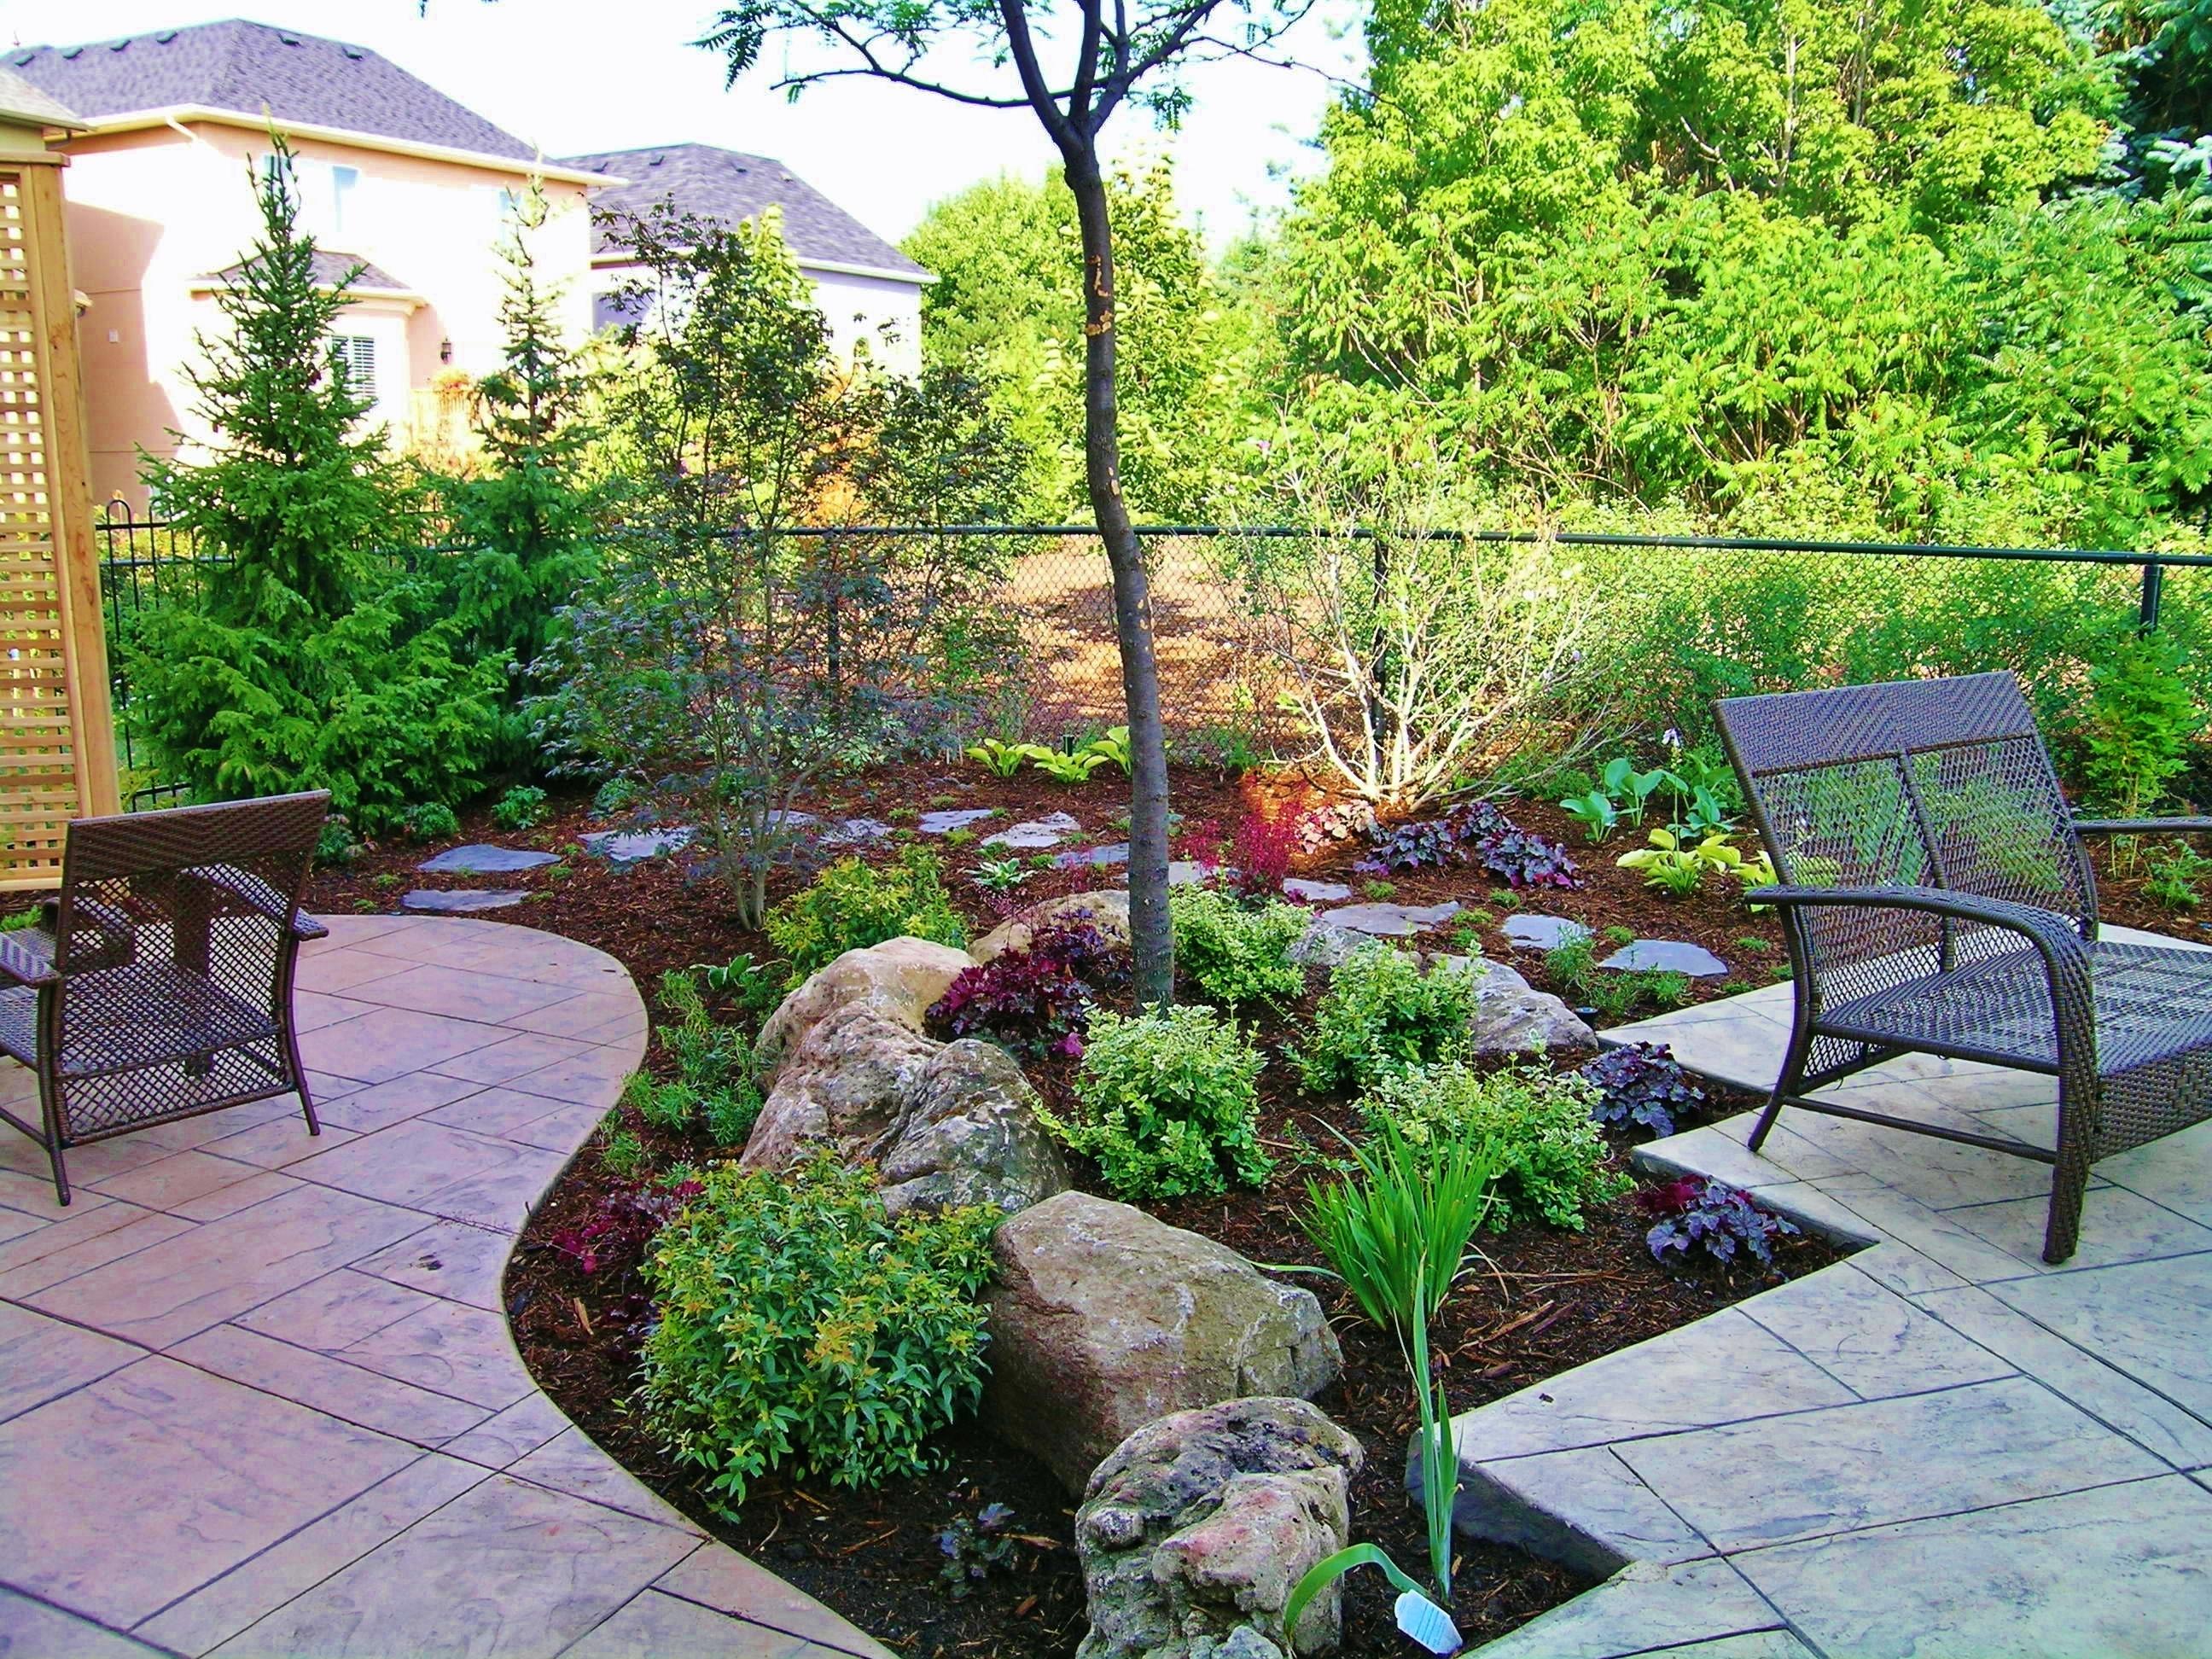 Backyard without grass | Landscape Garten on No Grass Garden Ideas  id=58909